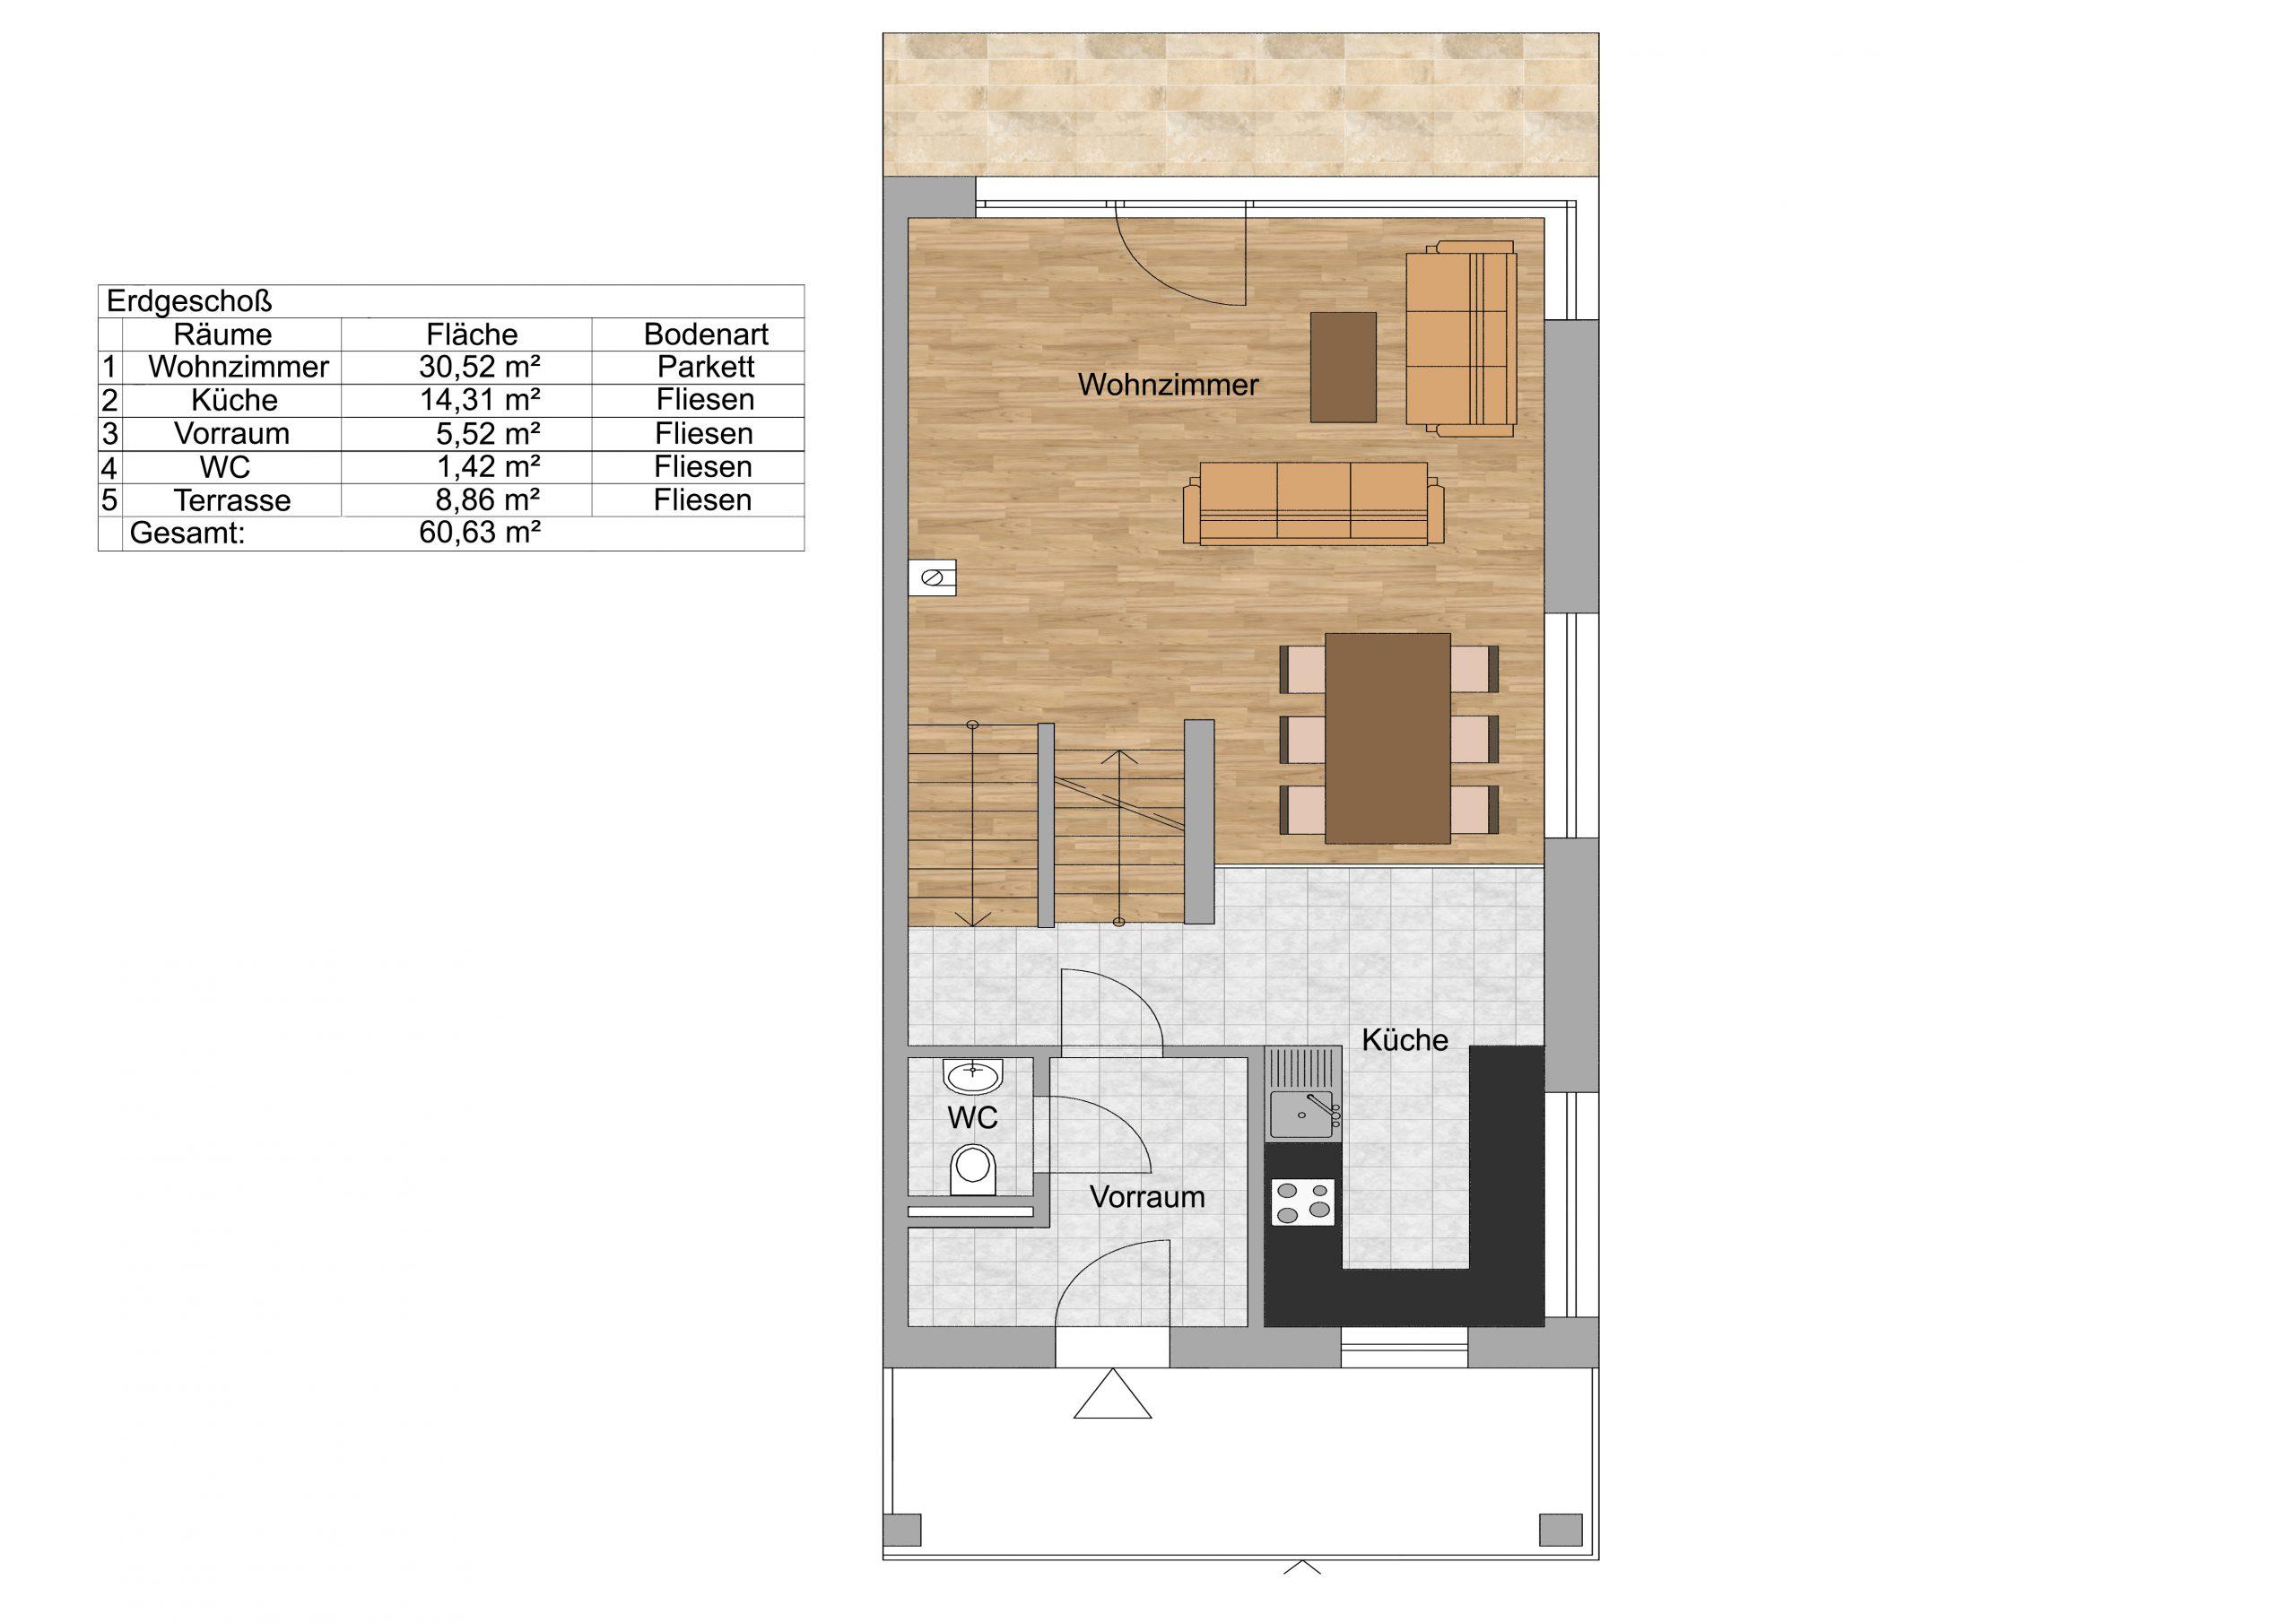 Erdgeschoss Skizzenplan